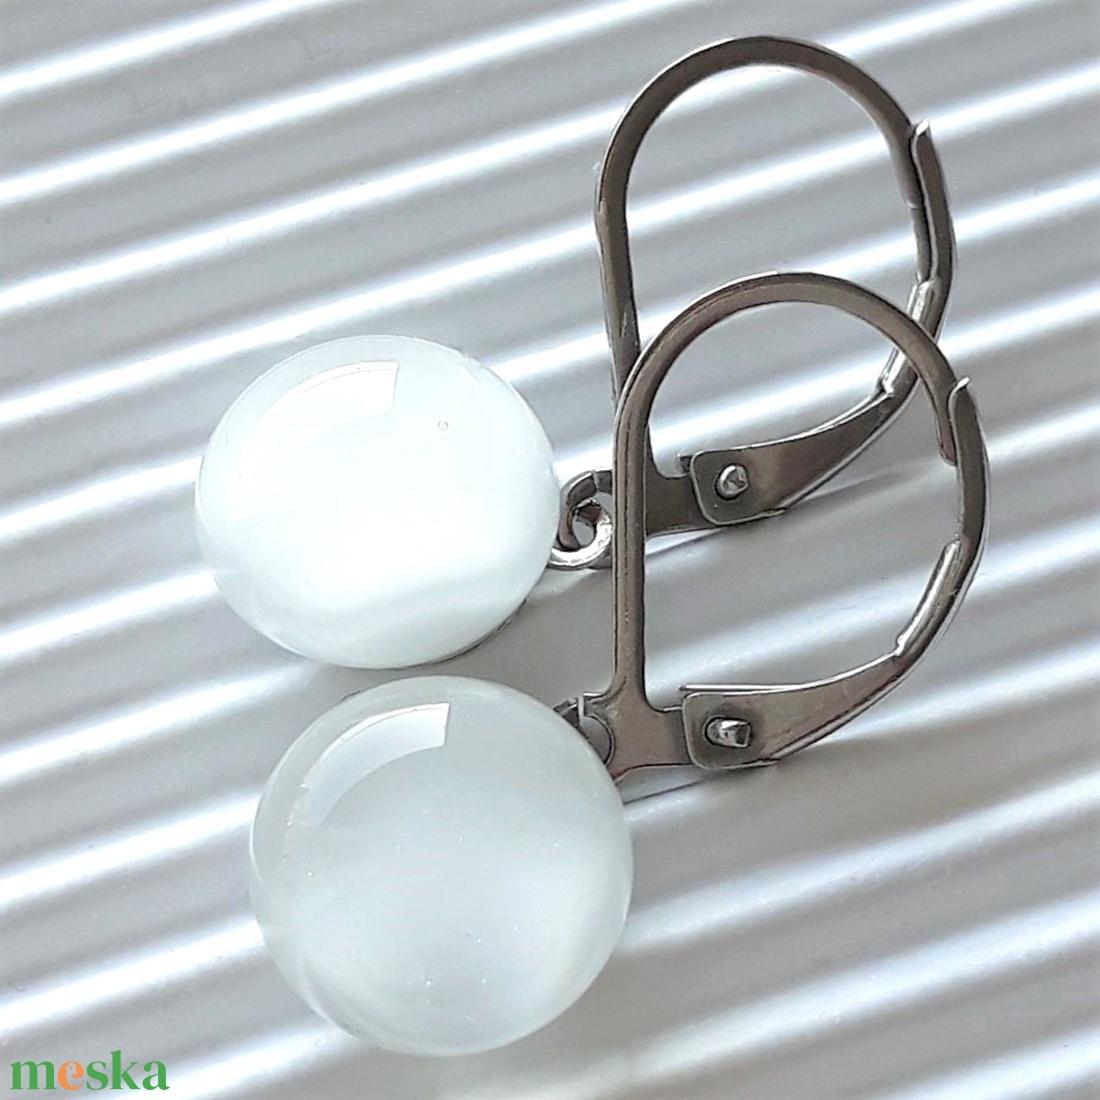 Selymes fehér pötty üveg fülbevaló design, hosszű, orvosi fém akasztón, üvegékszer - ékszer - fülbevaló - lógós kerek fülbevaló - Meska.hu